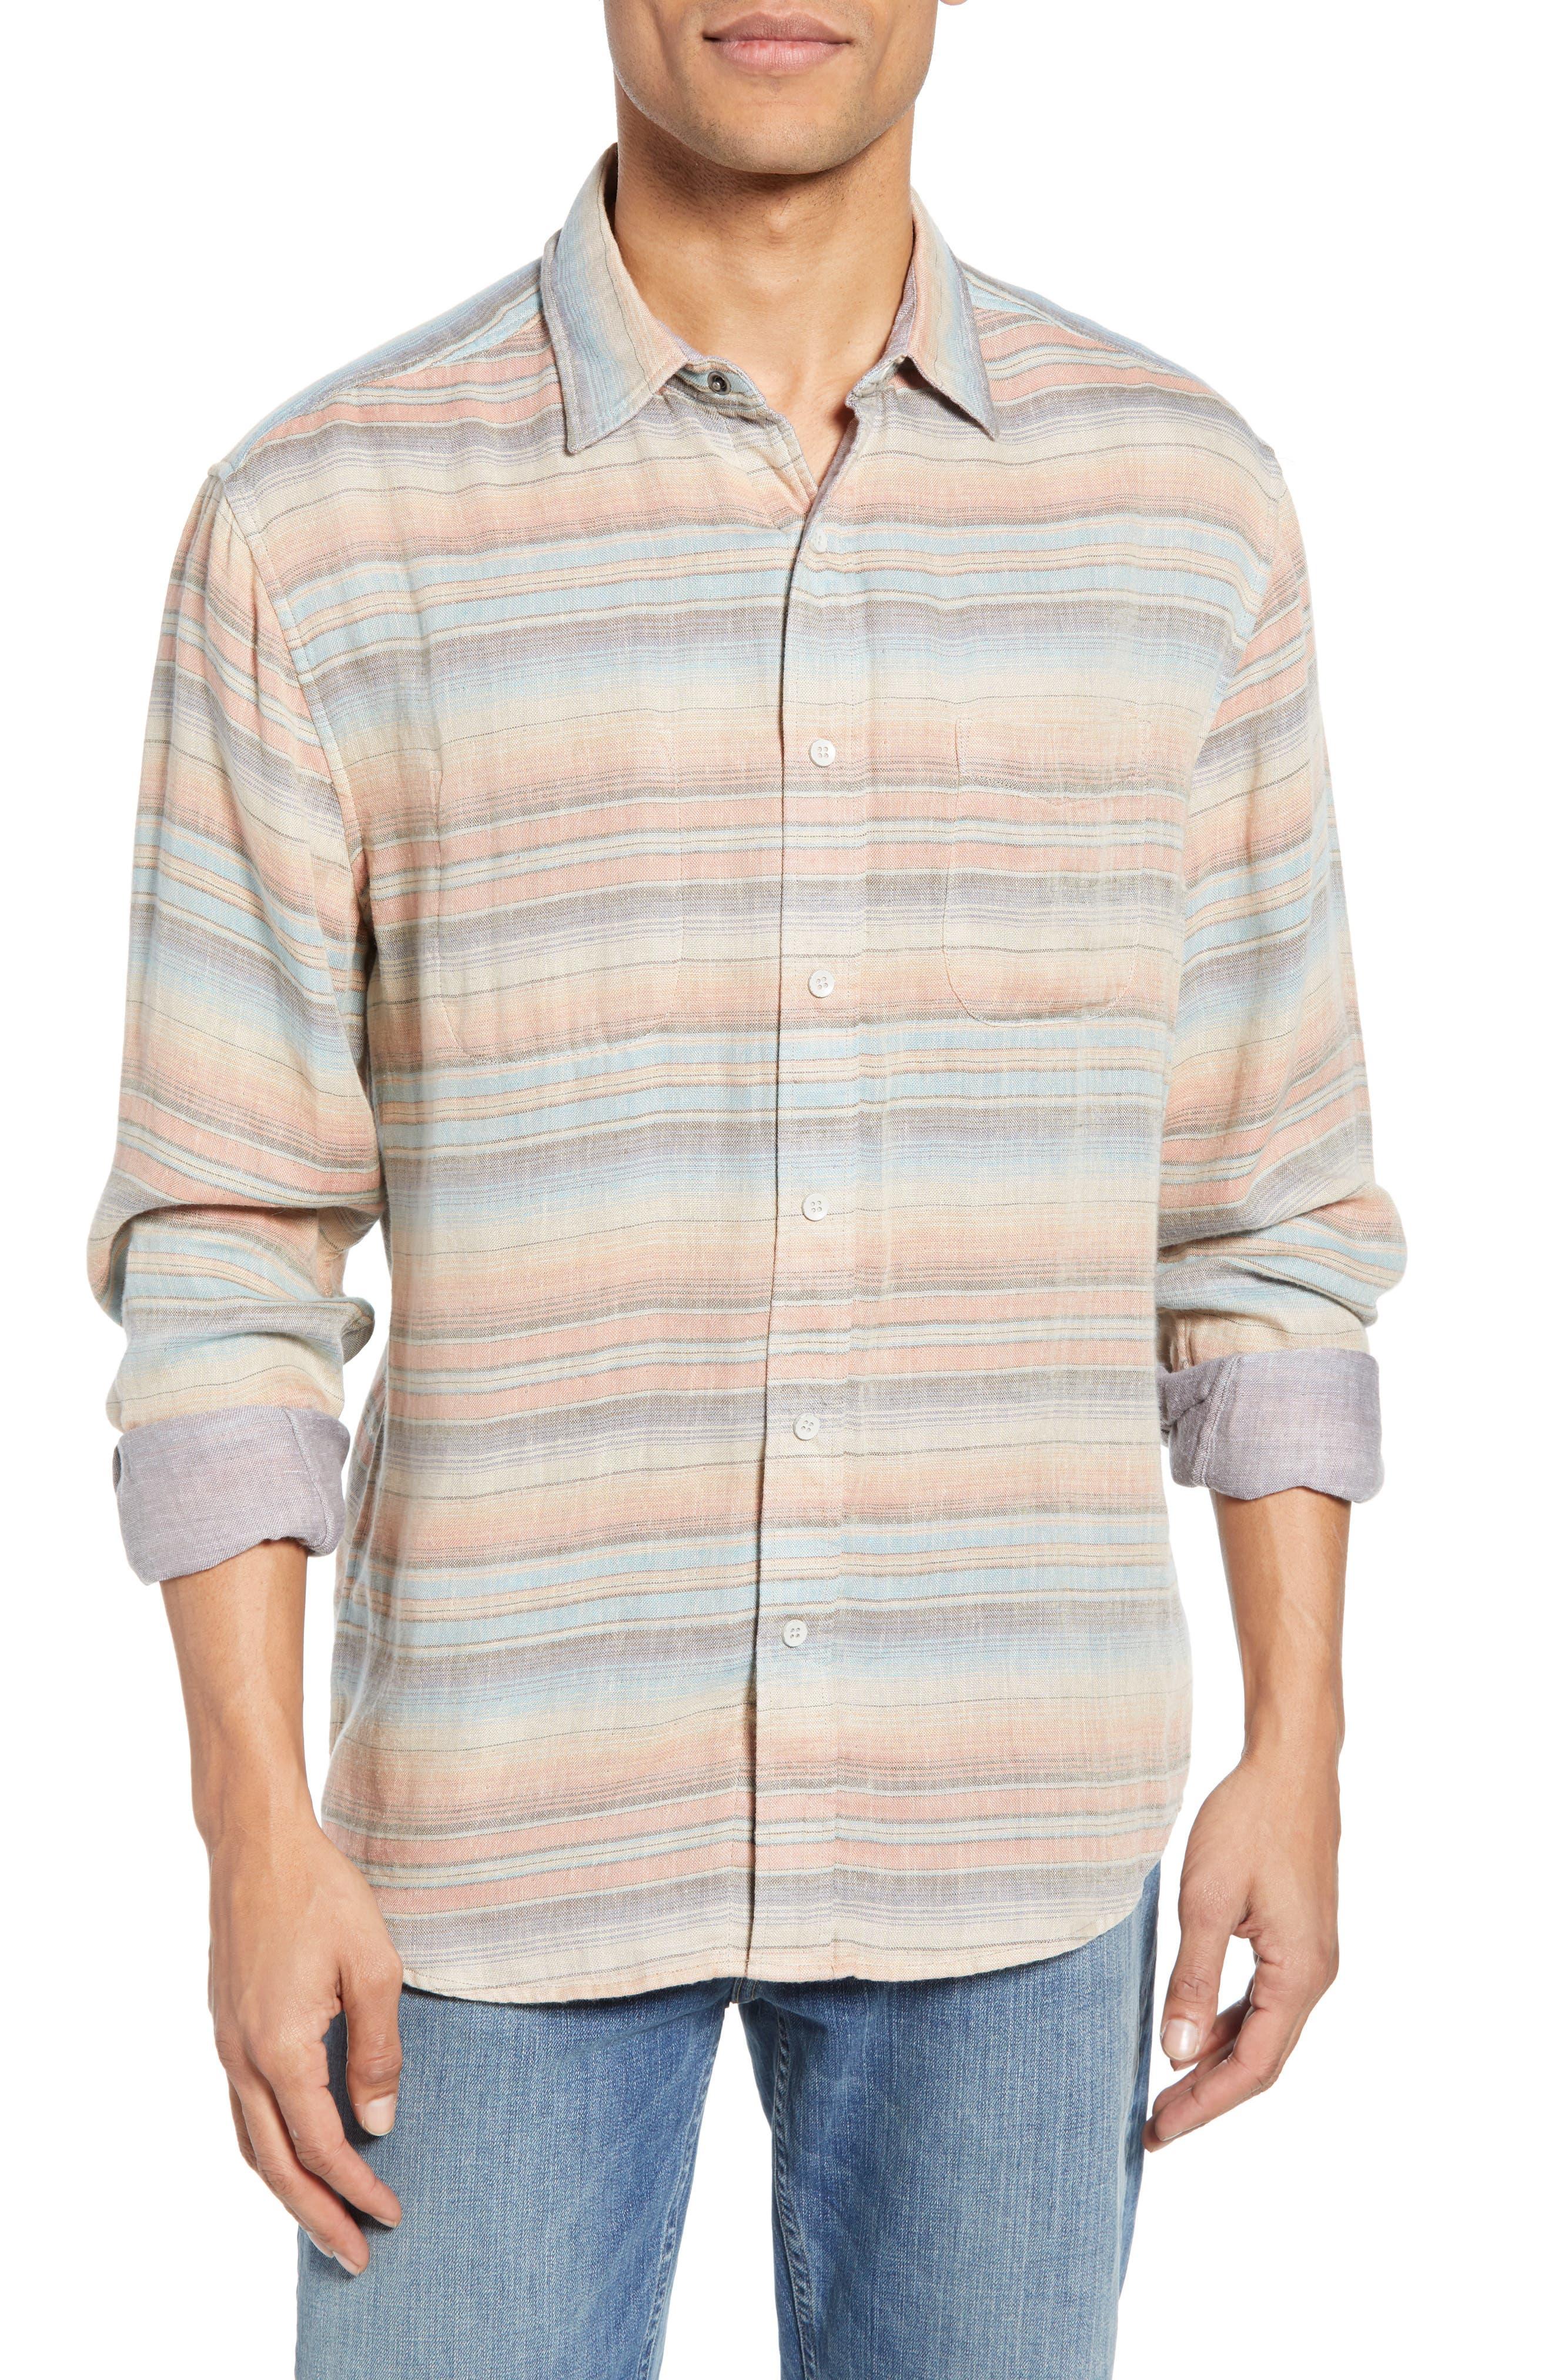 Faherty Belmar Regular Fit Reversible Shirt, Coral